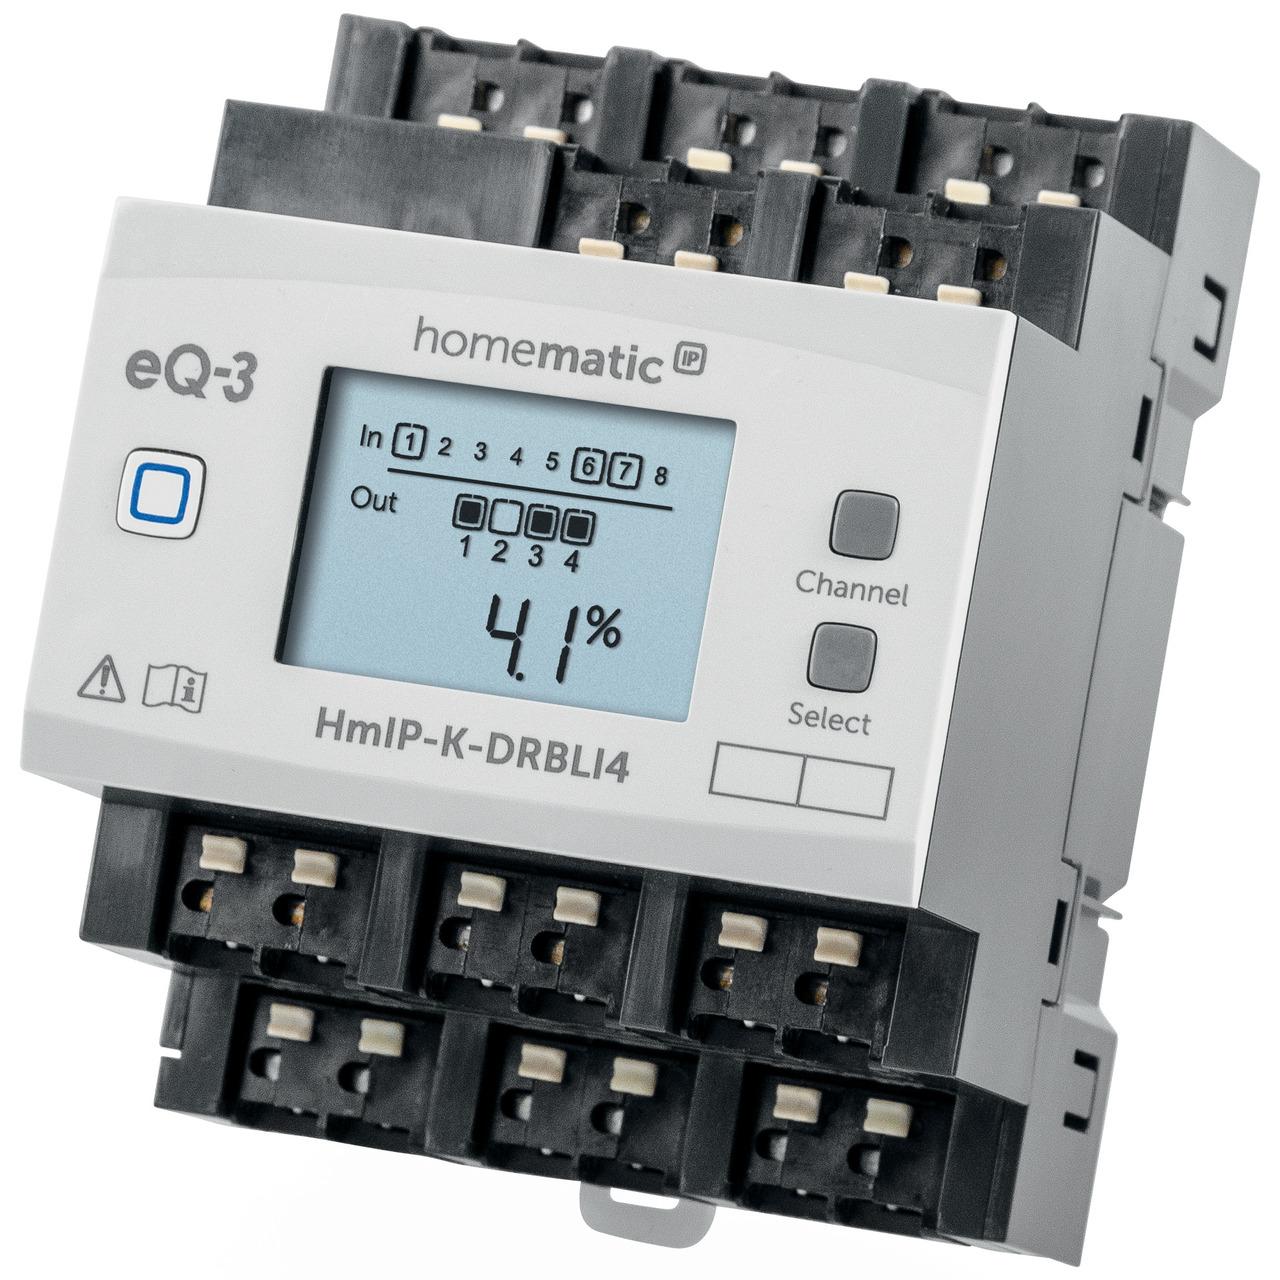 ELV Homematic IP Komplettbausatz 4fach Jalousie-Rollladenaktor für Hutschienenmontage HmIP-K-DRBLI4